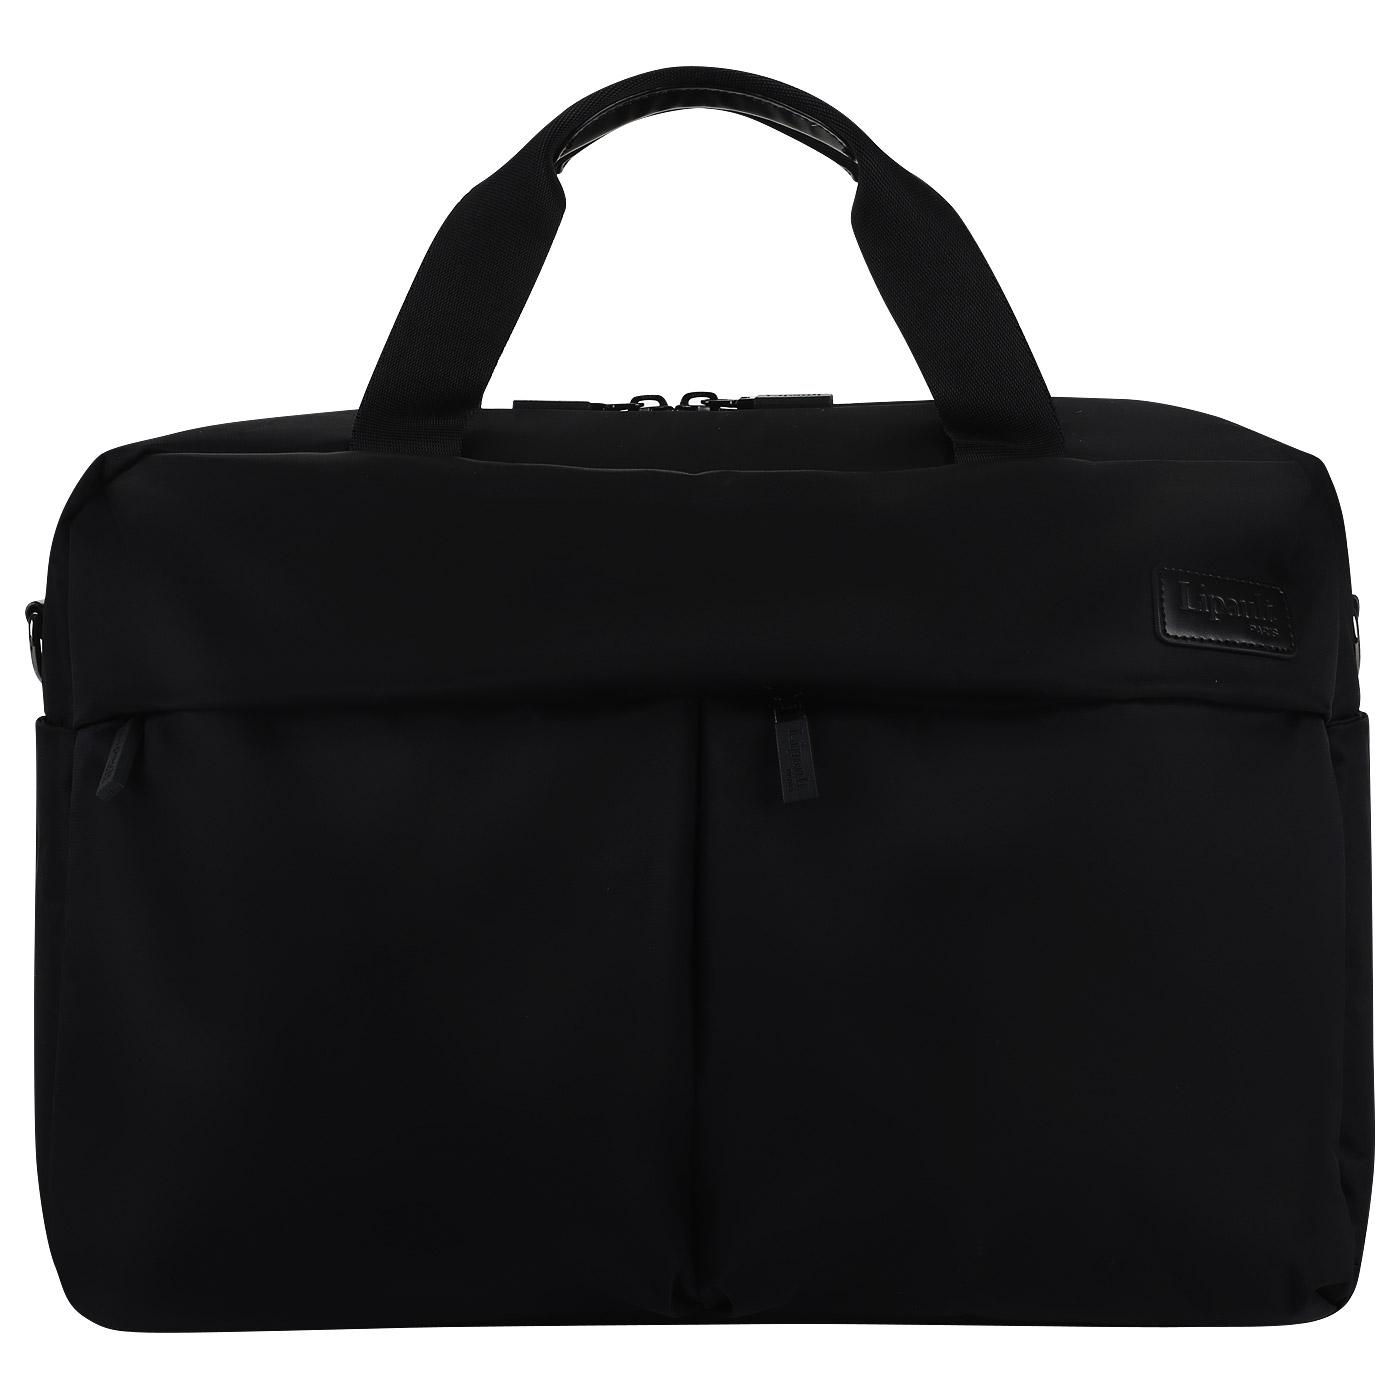 a44a5c012ee6 Черная дорожная сумка Lipault City Plume Черная дорожная сумка Lipault City  Plume ...